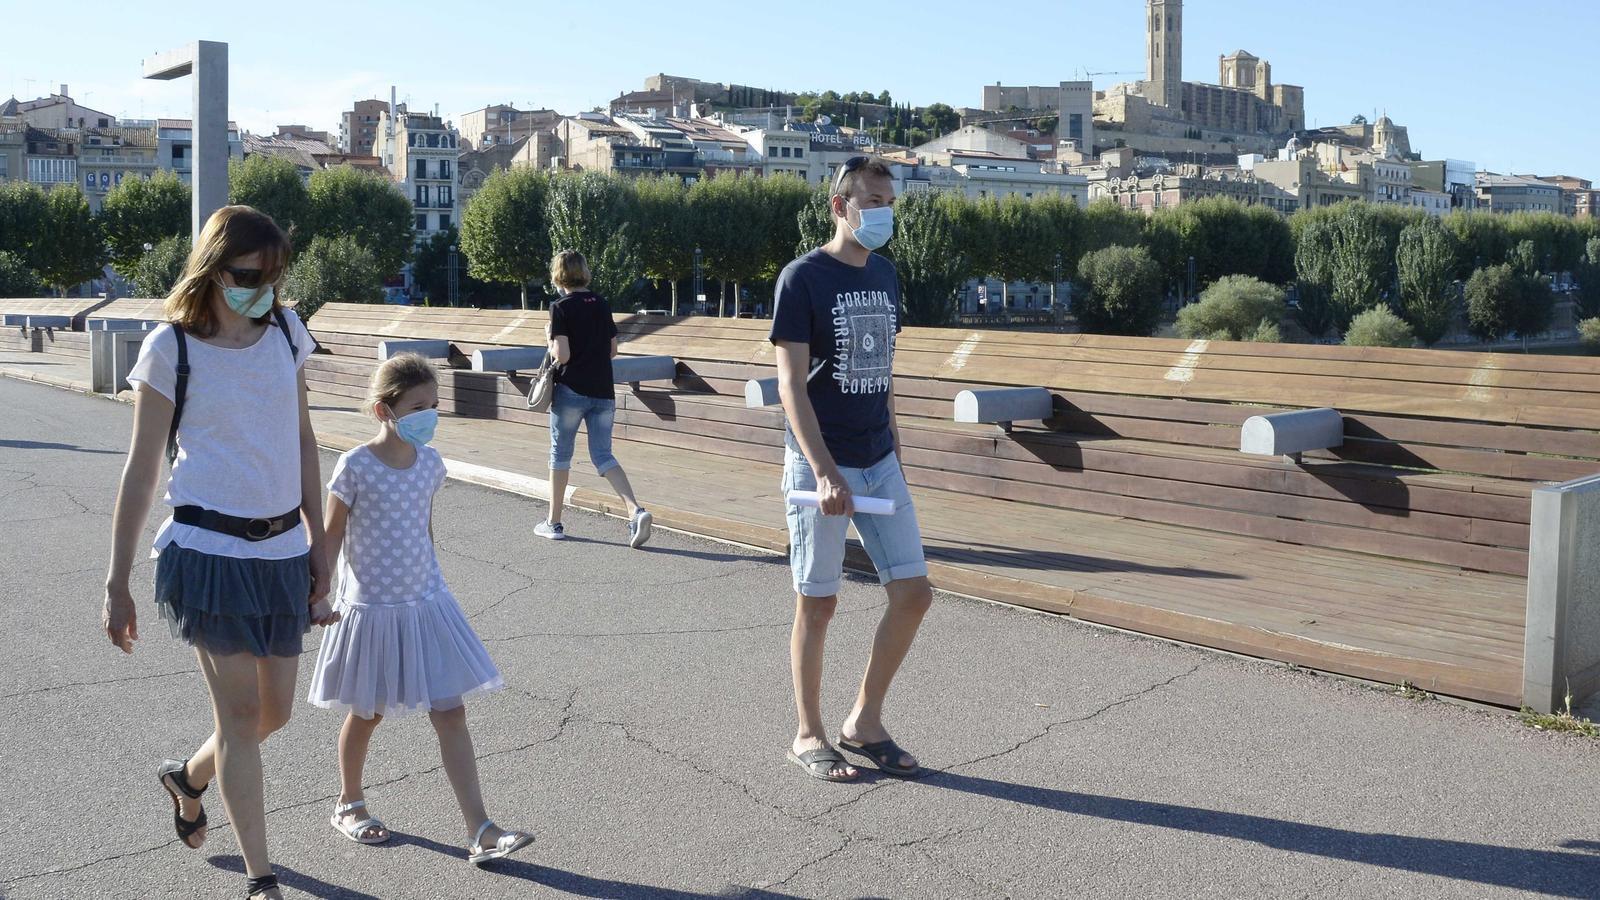 Ciutadans passejant per Lleida ahir a la tarda després que el Gover decretés el confinament perimetral del Segrià / SANTI IGLESIAS